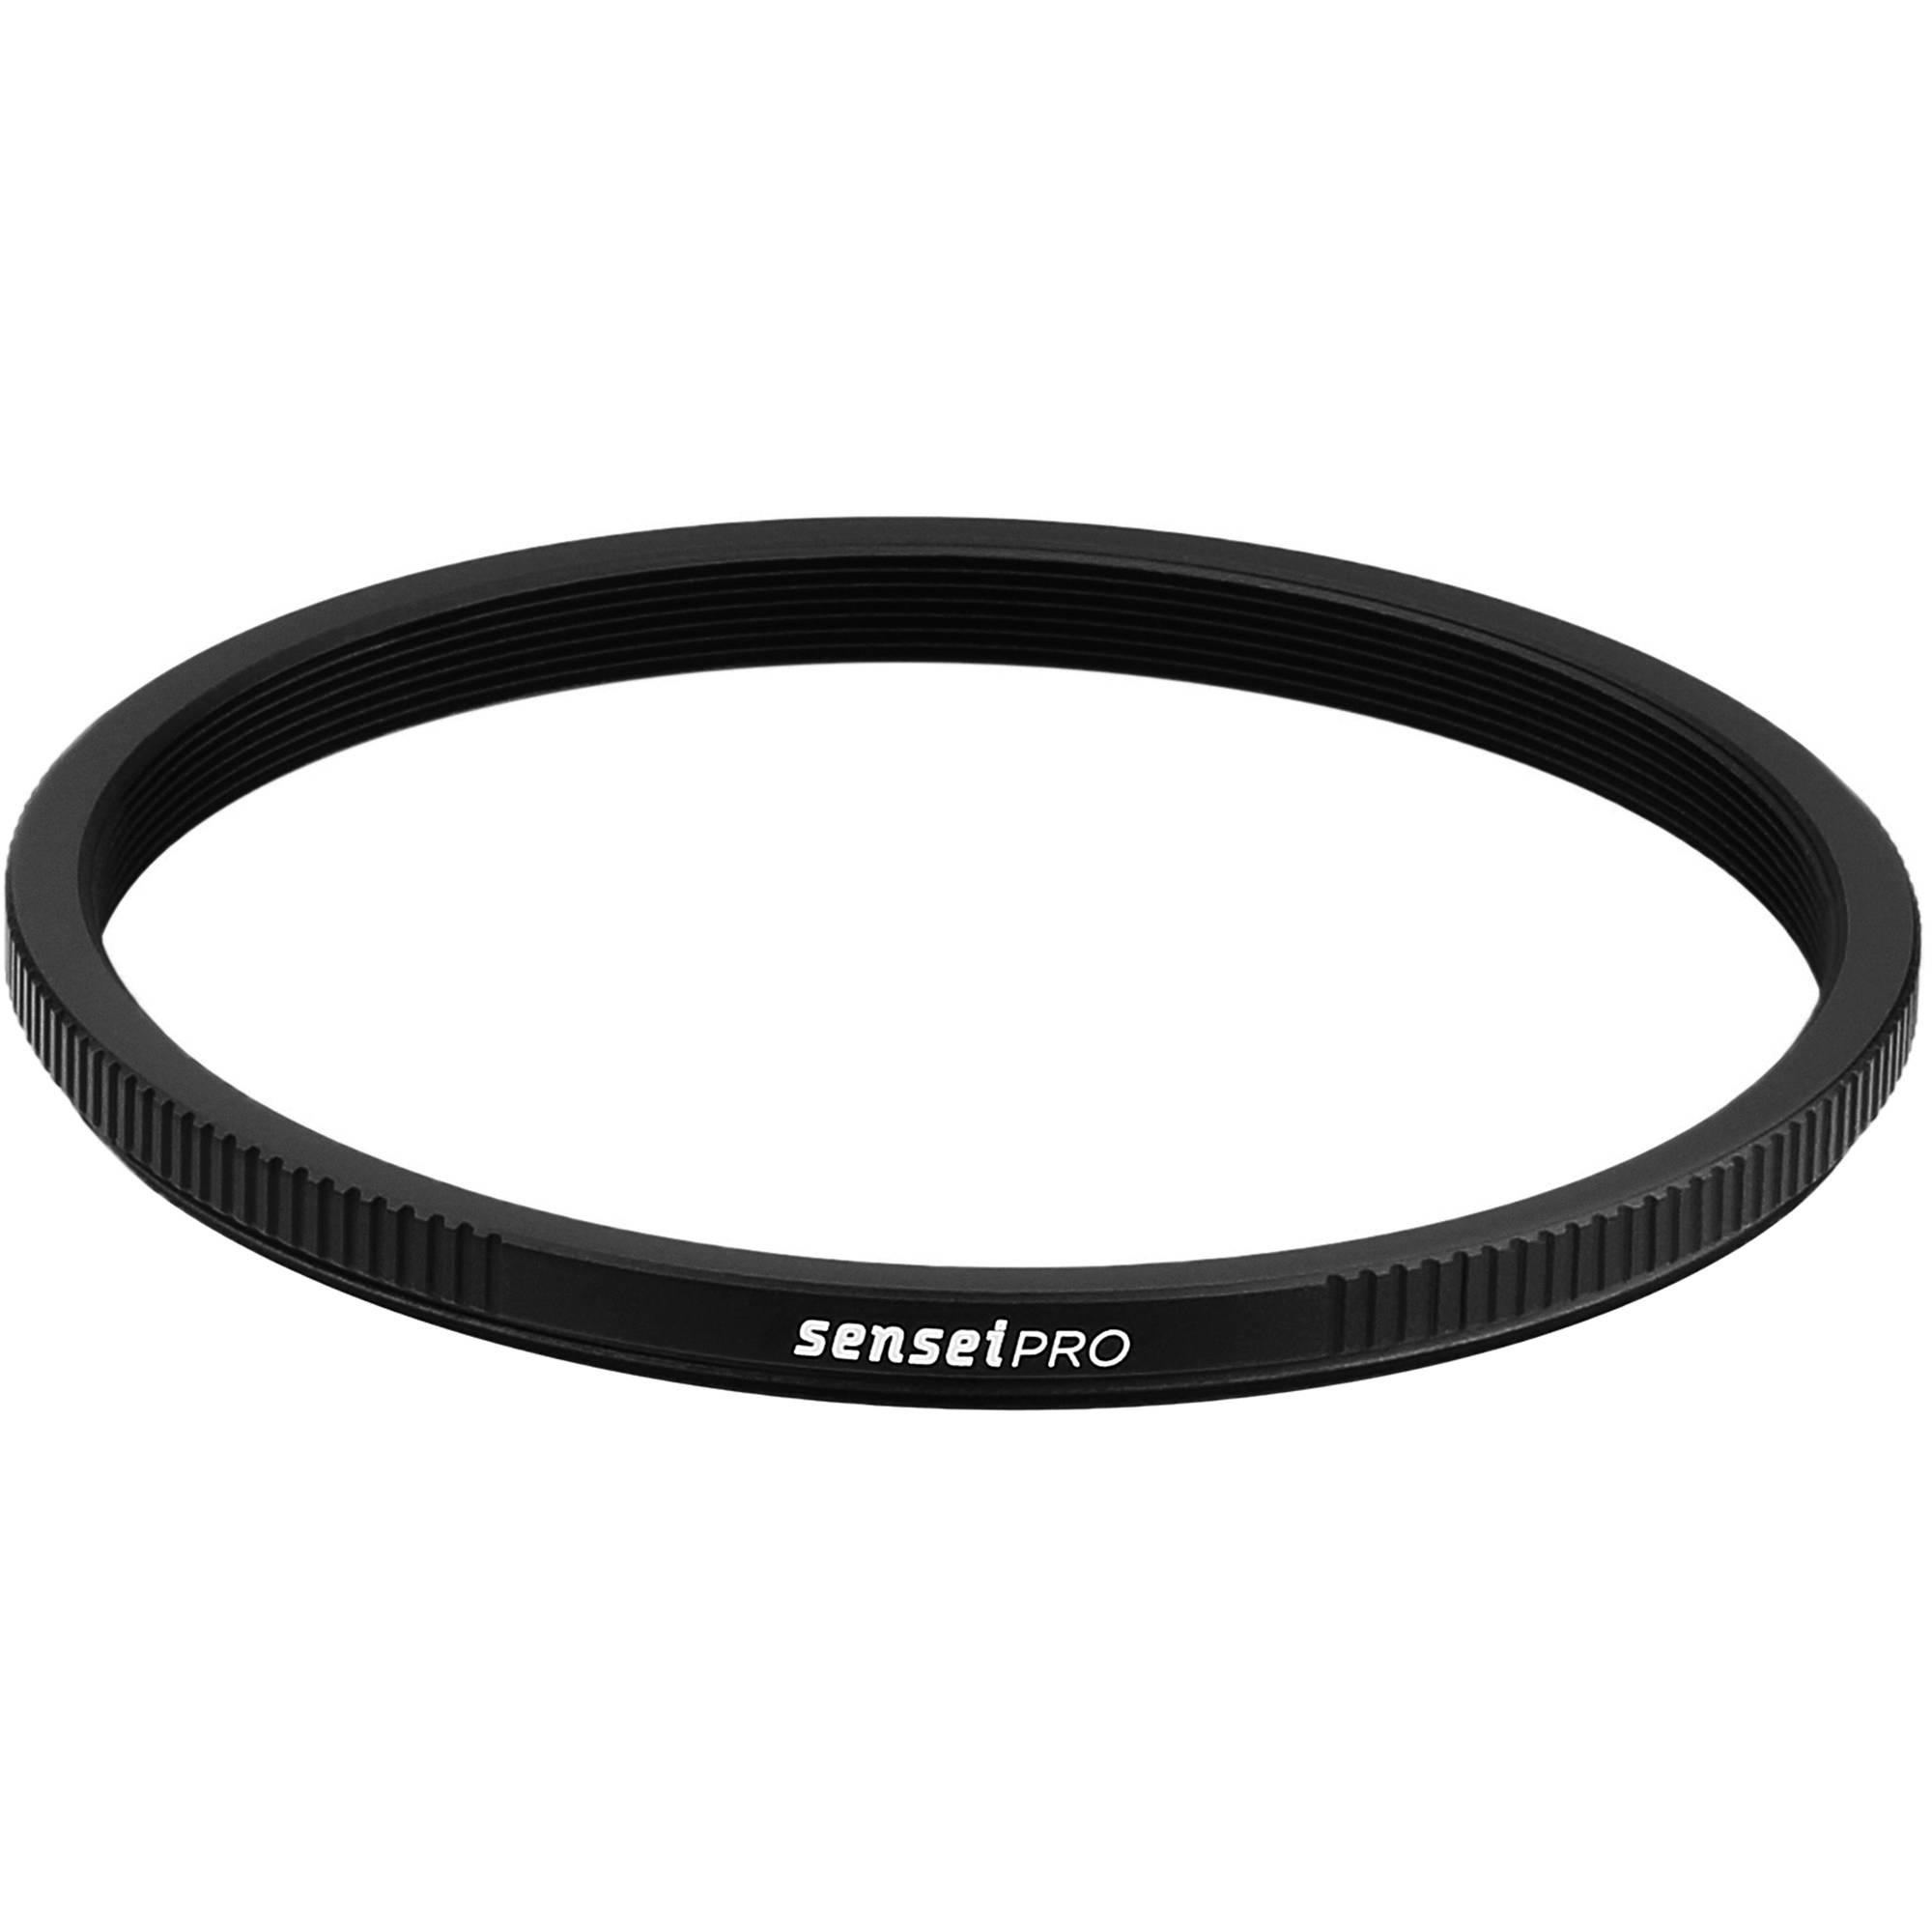 Sensei 82-77mm Step-Down Ring